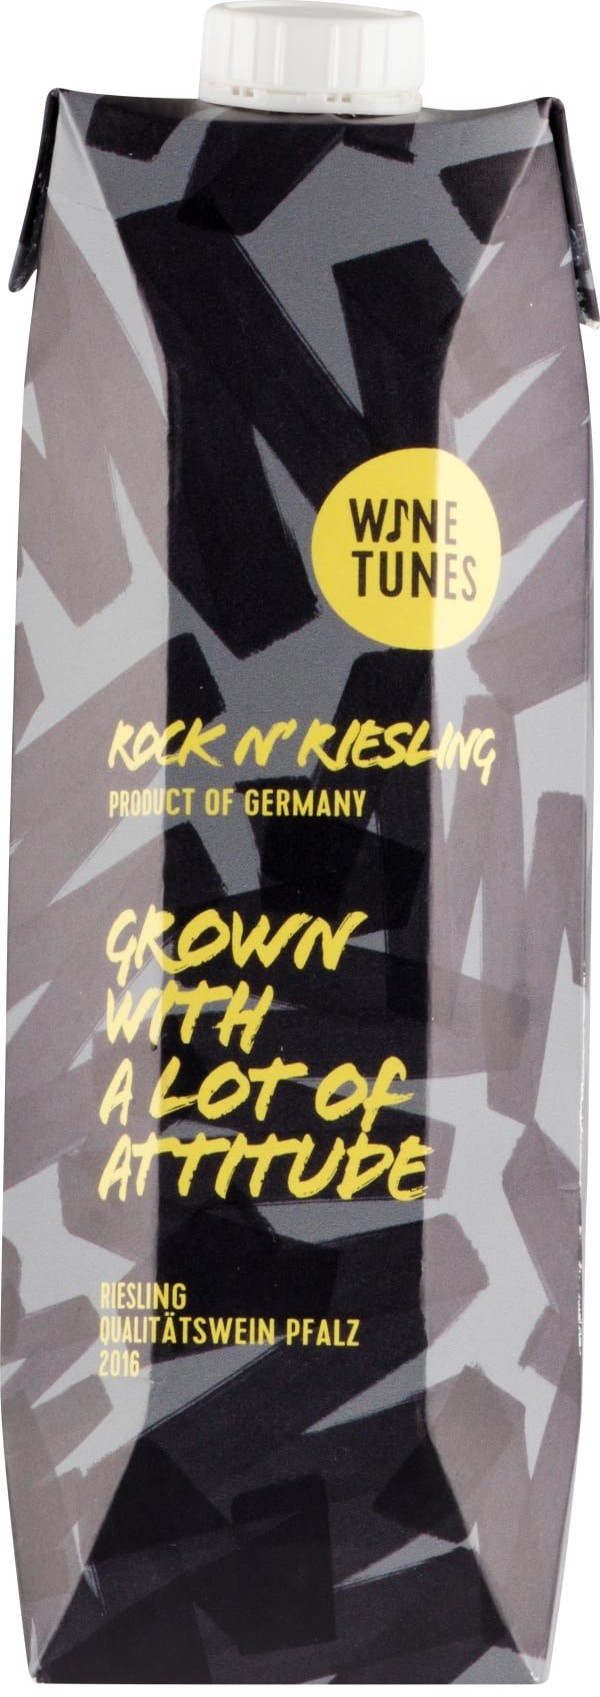 Wine Tunes Rock'n Riesling 2018 carton package